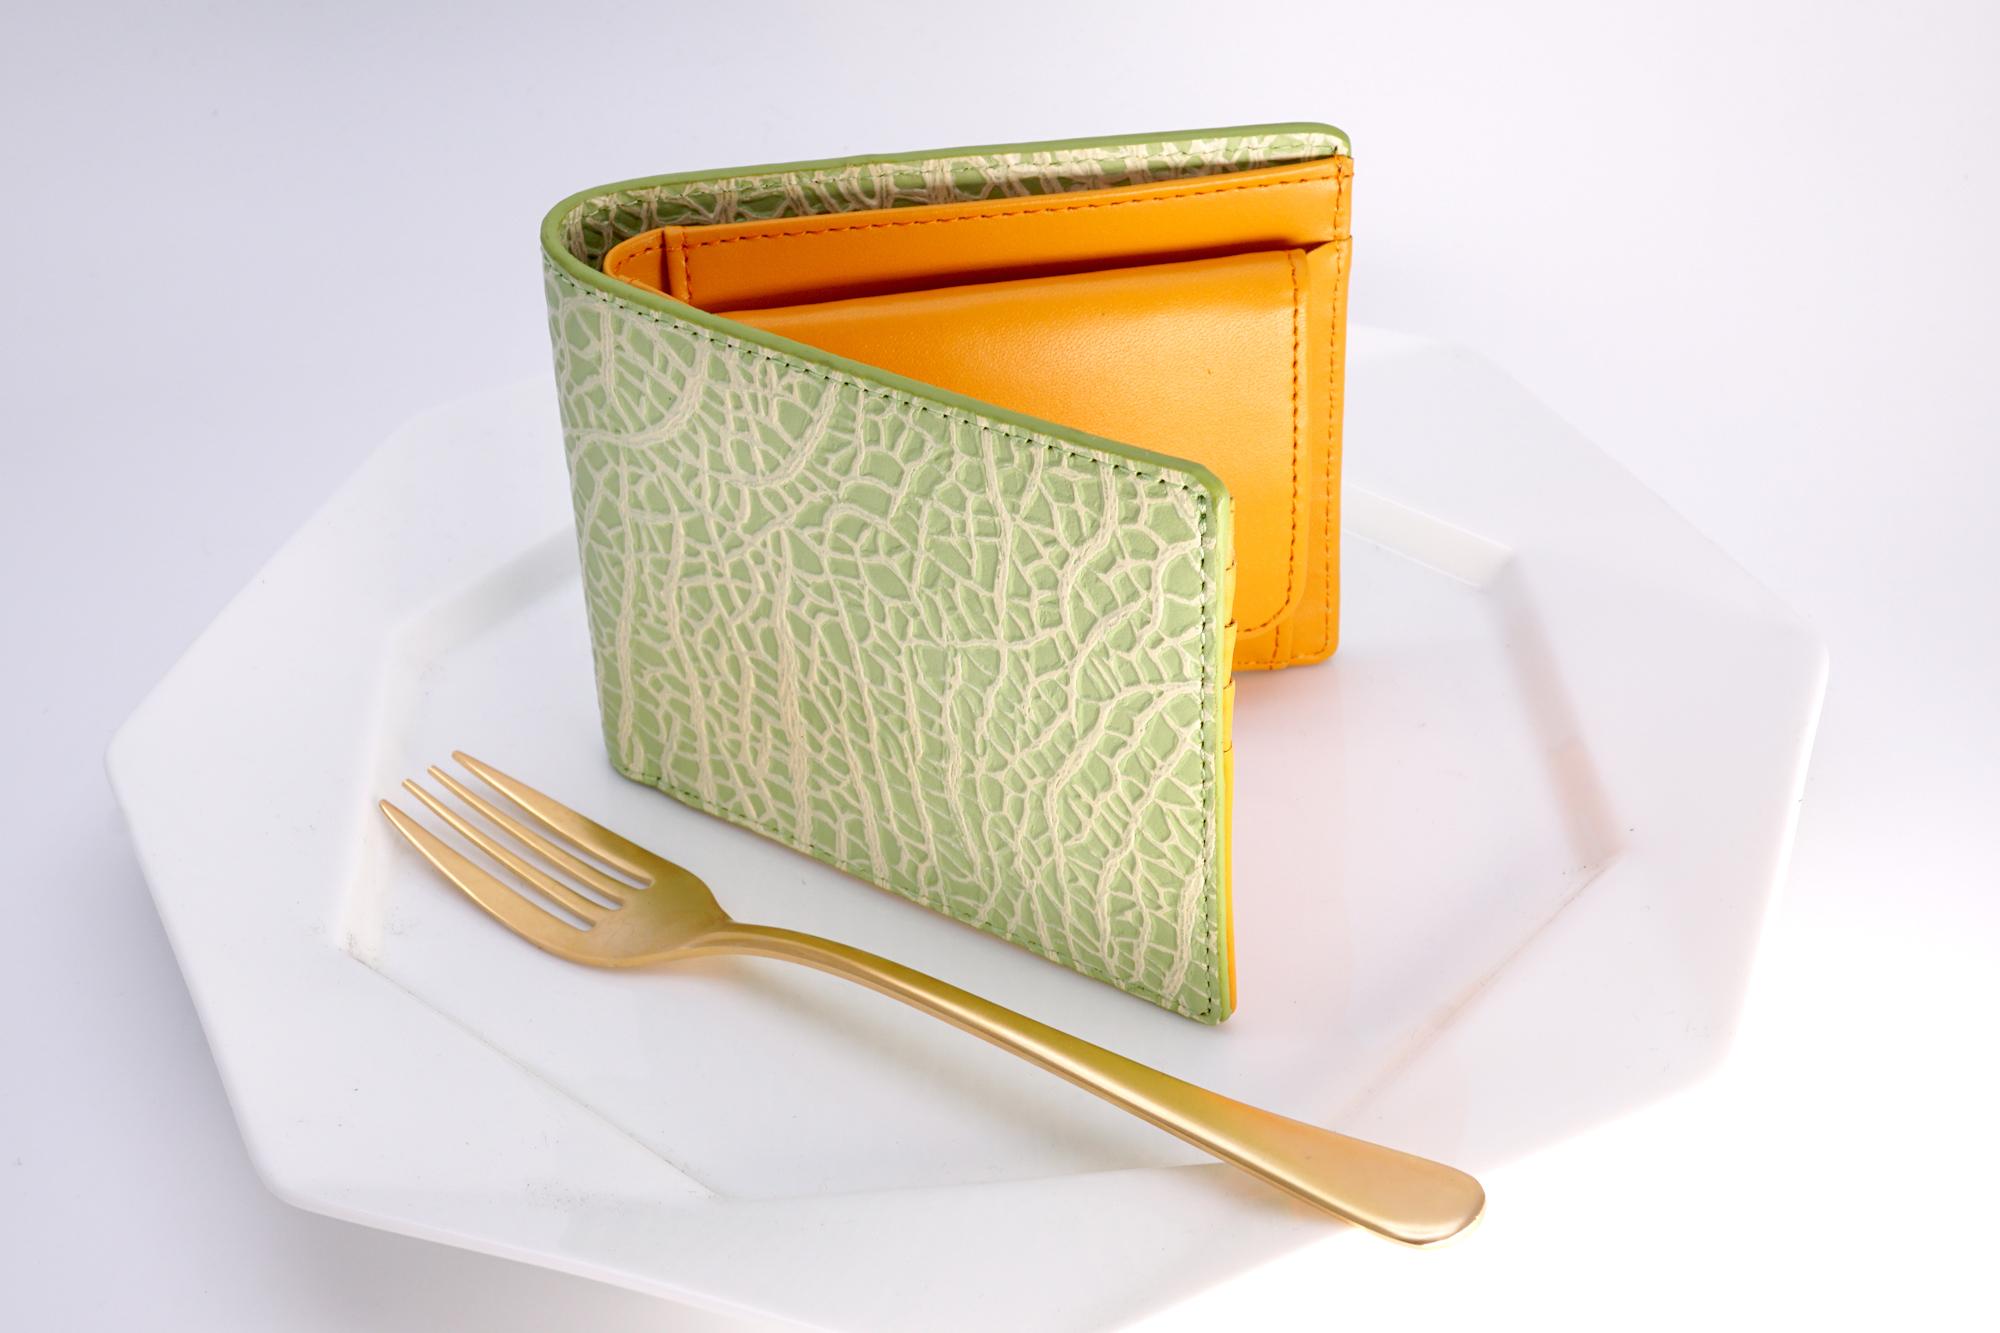 【牛革製】メロンな2つ折り財布/赤肉